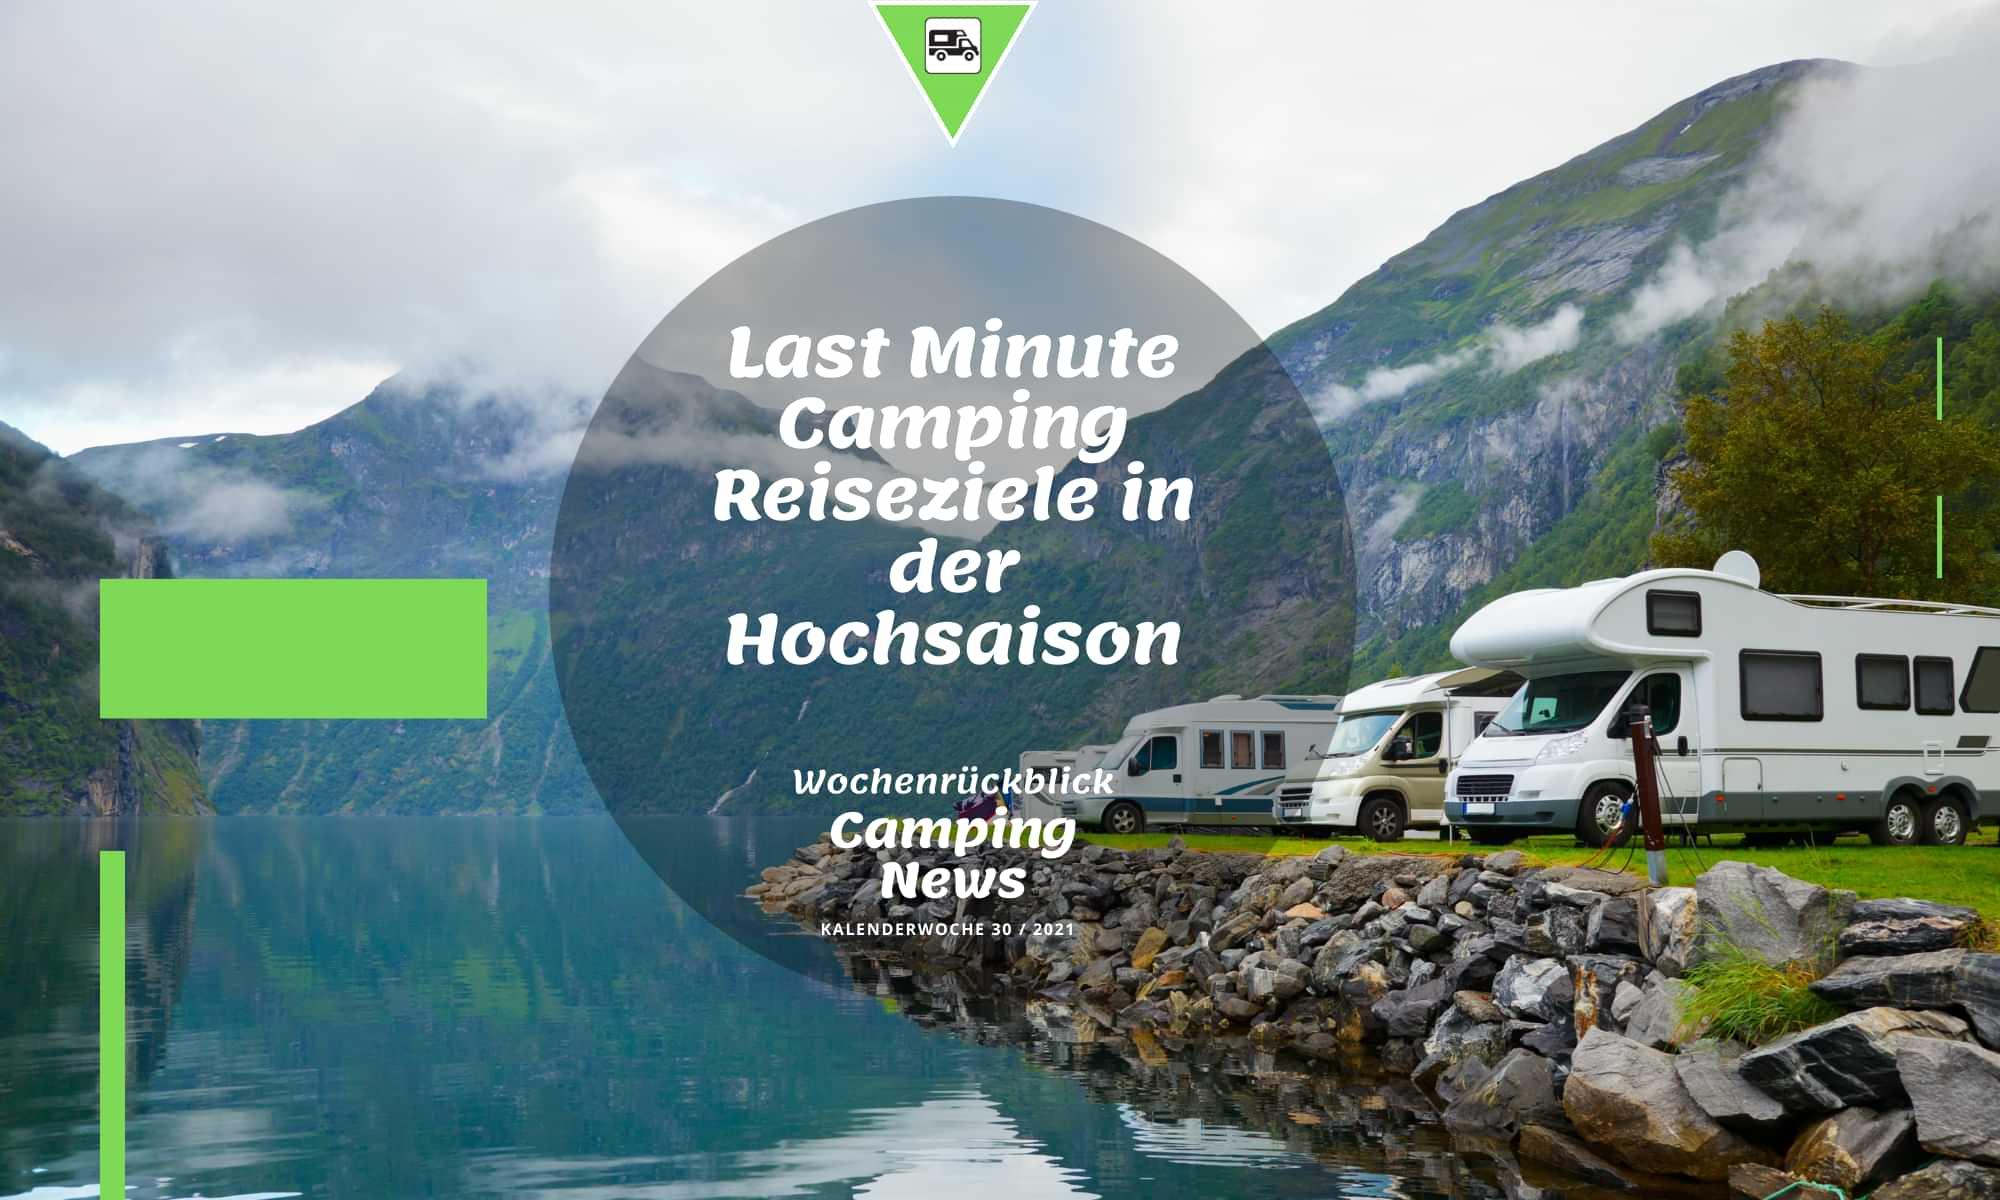 Last Minute Camping Reiseziele in der Hochsaison